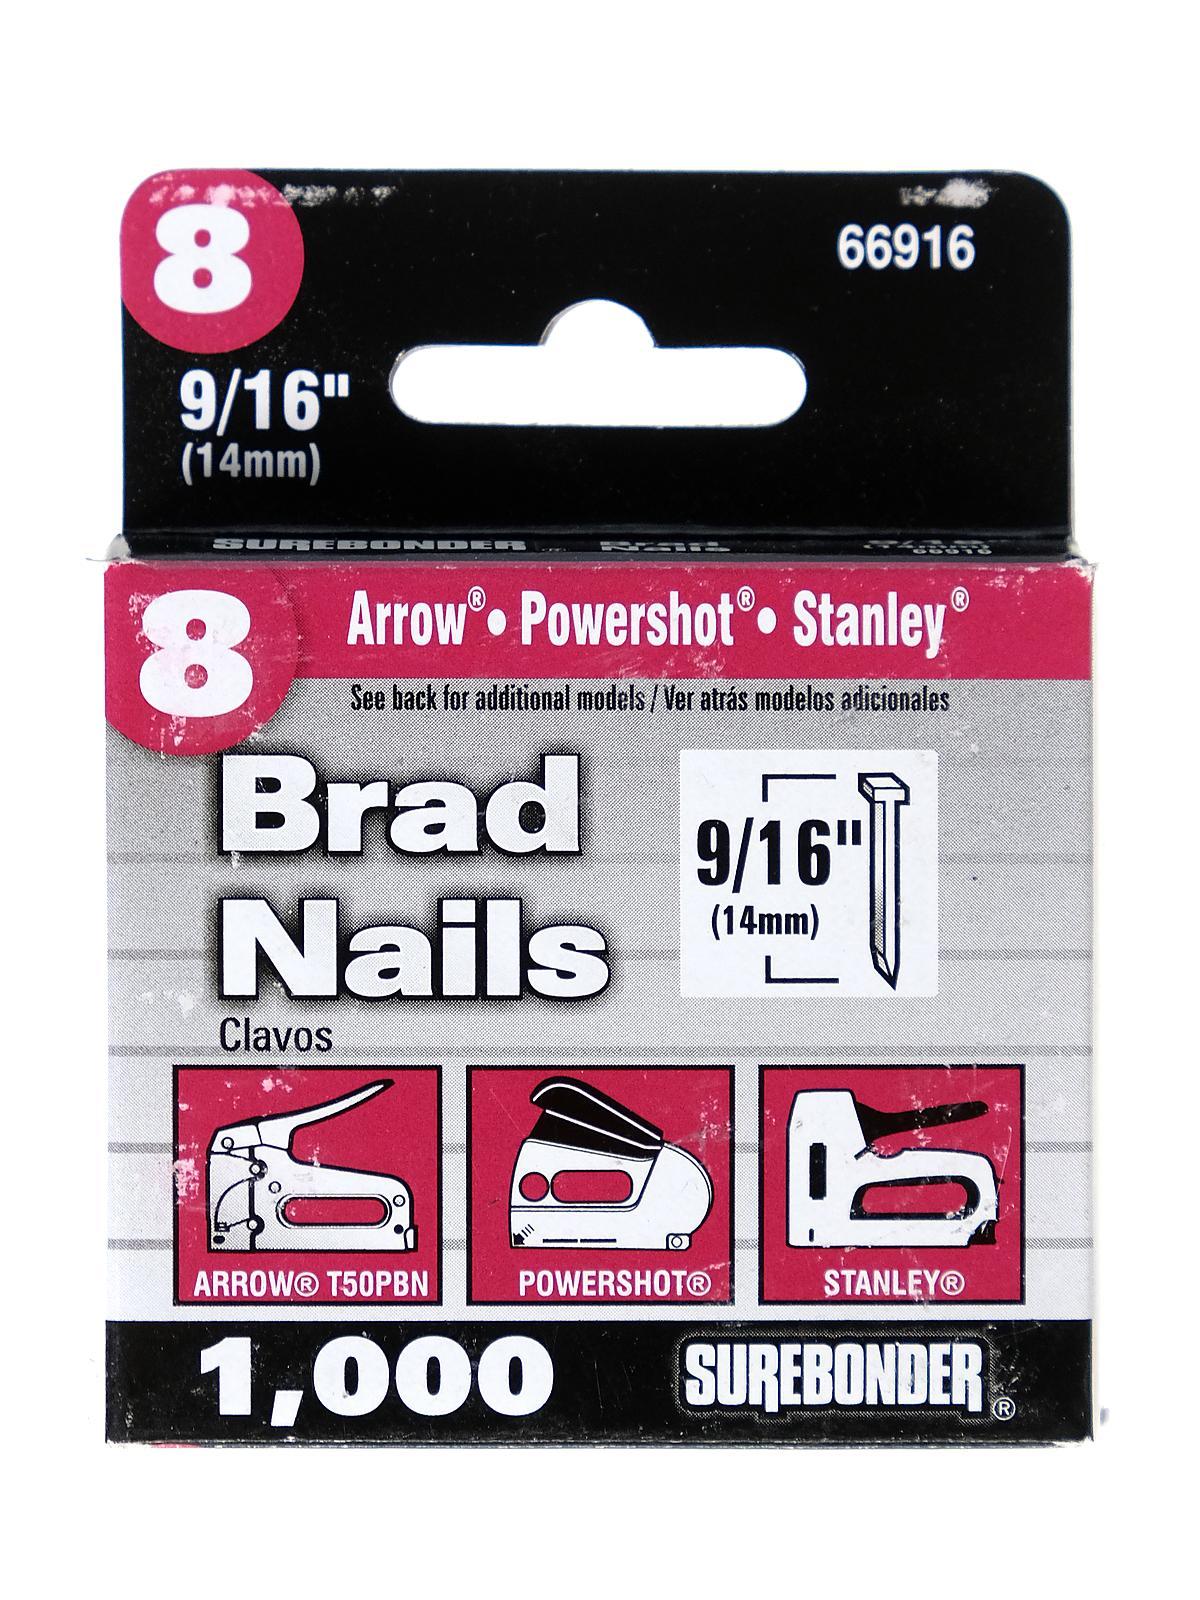 No. 8 Brad Nails